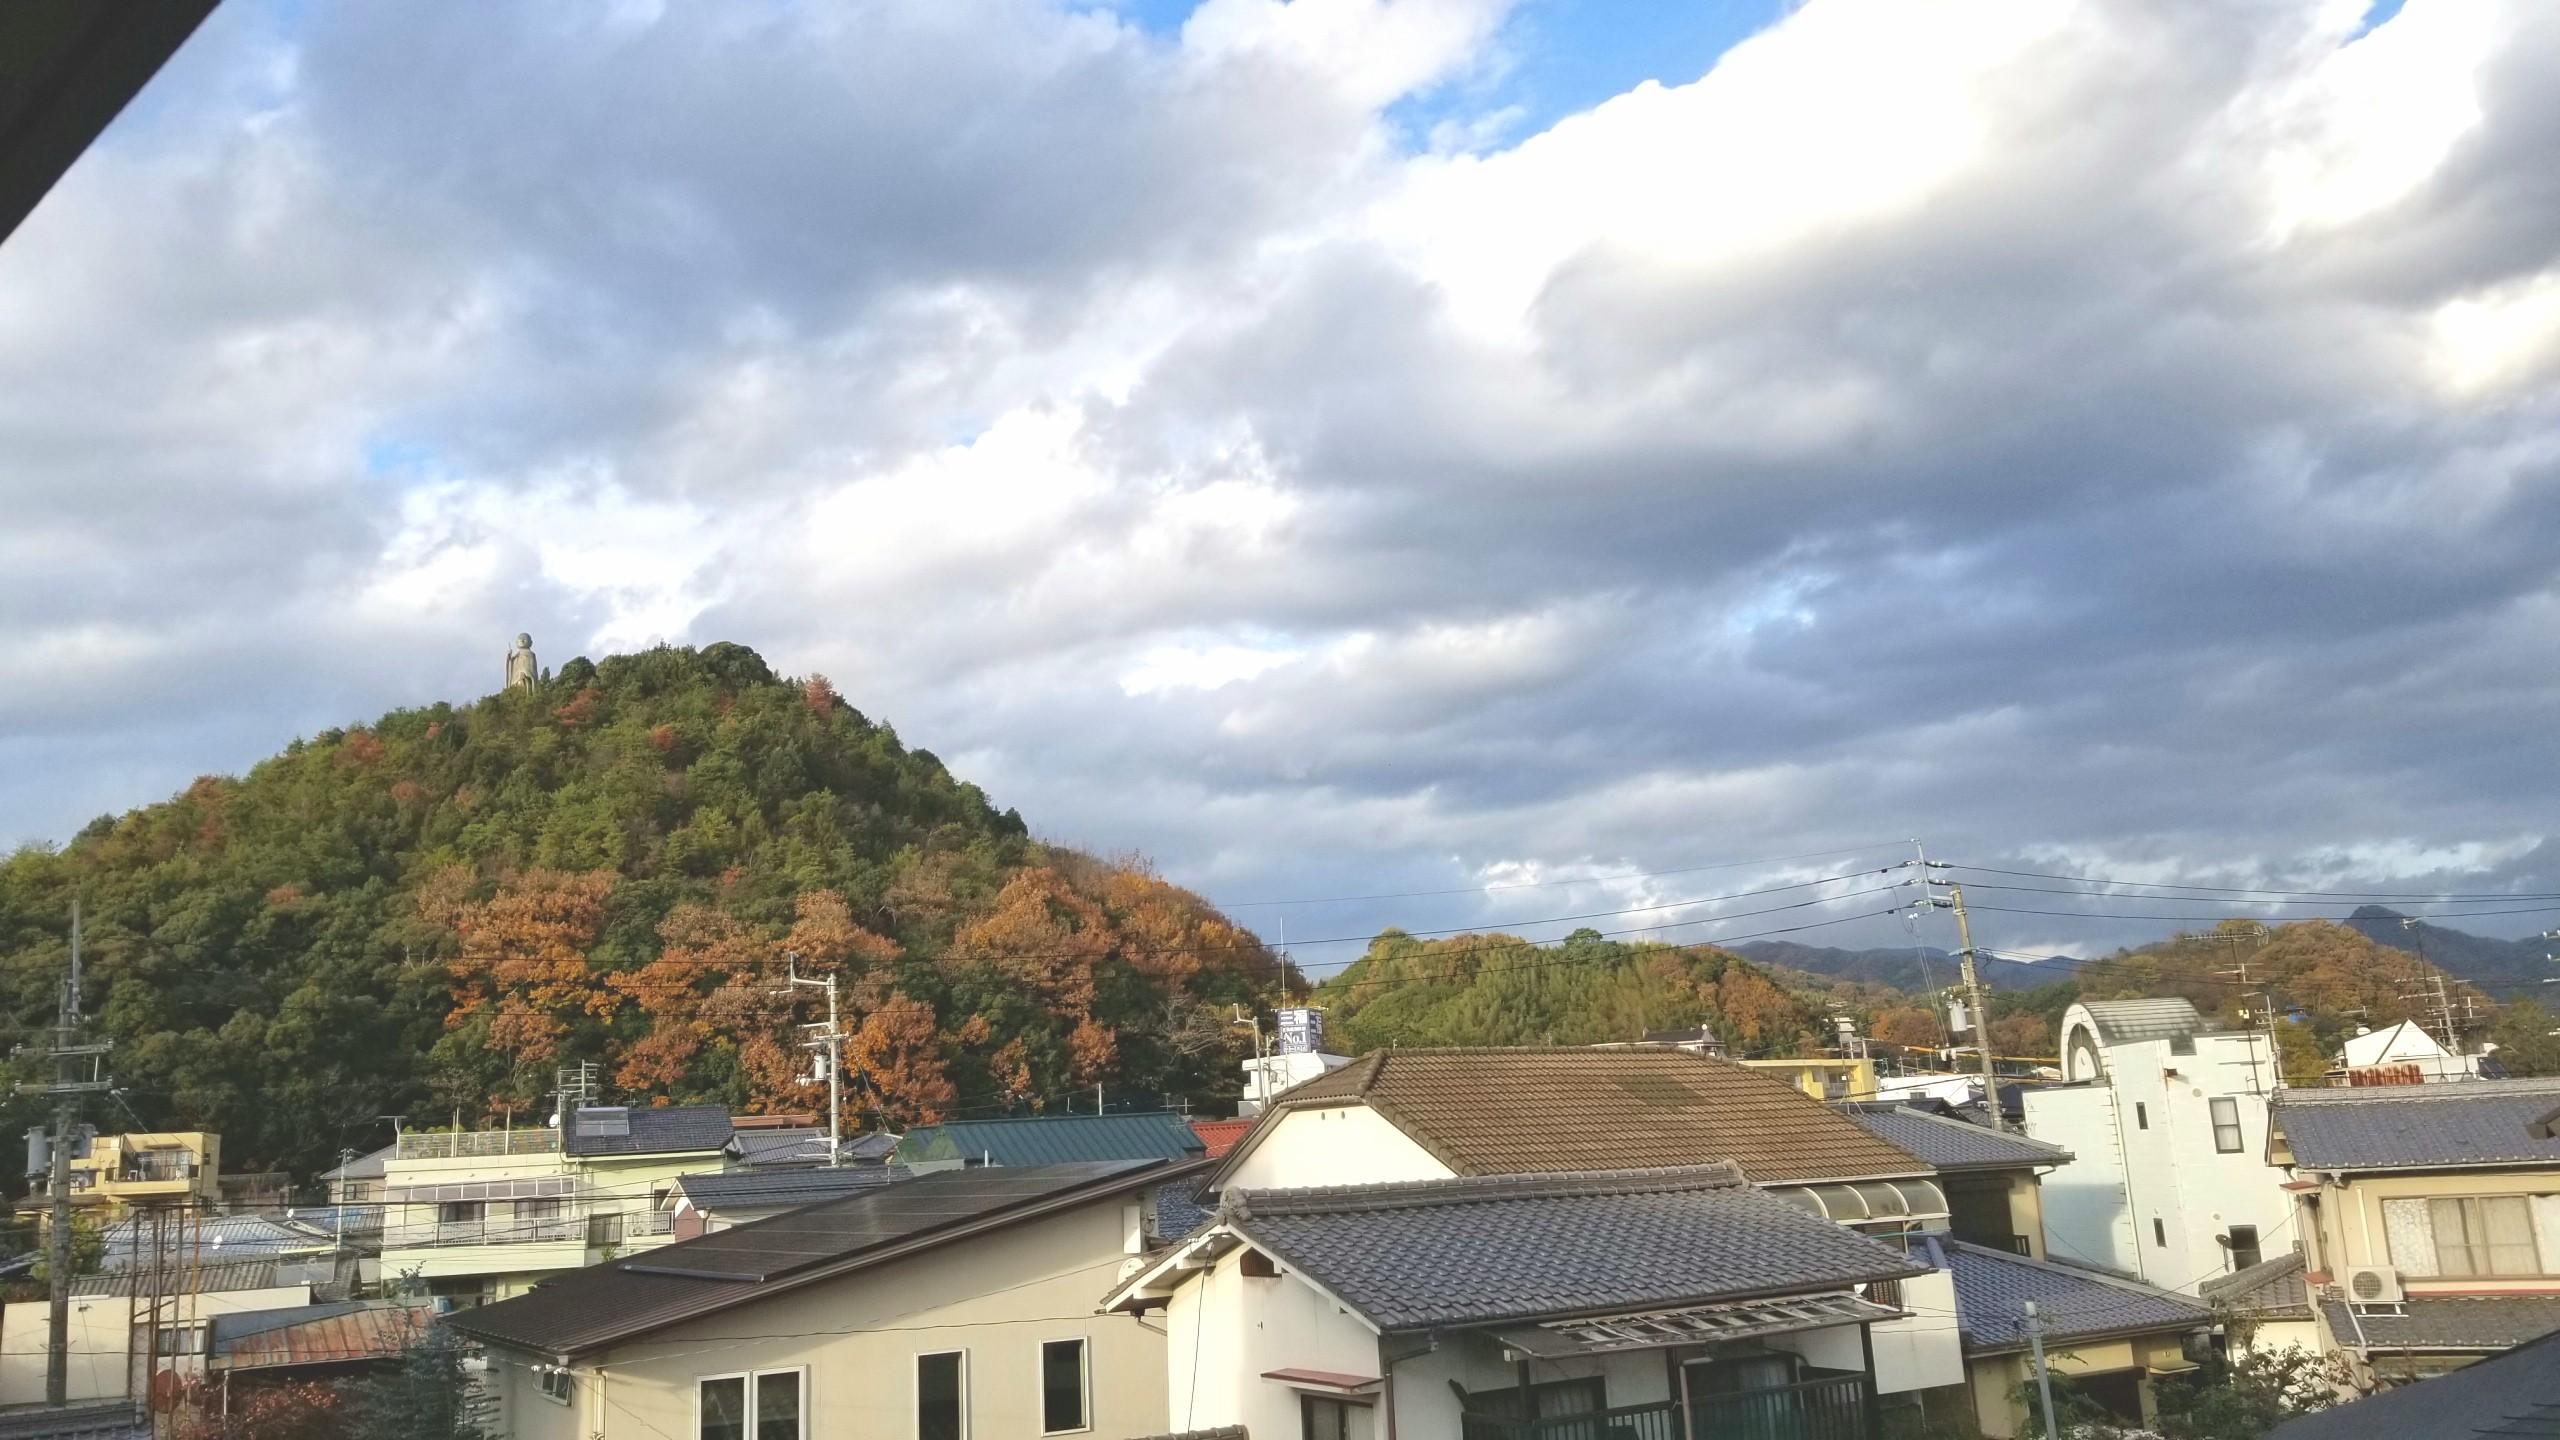 マンションから見た景色,家の近所,いい天気晴れ,山青空,癒される風景